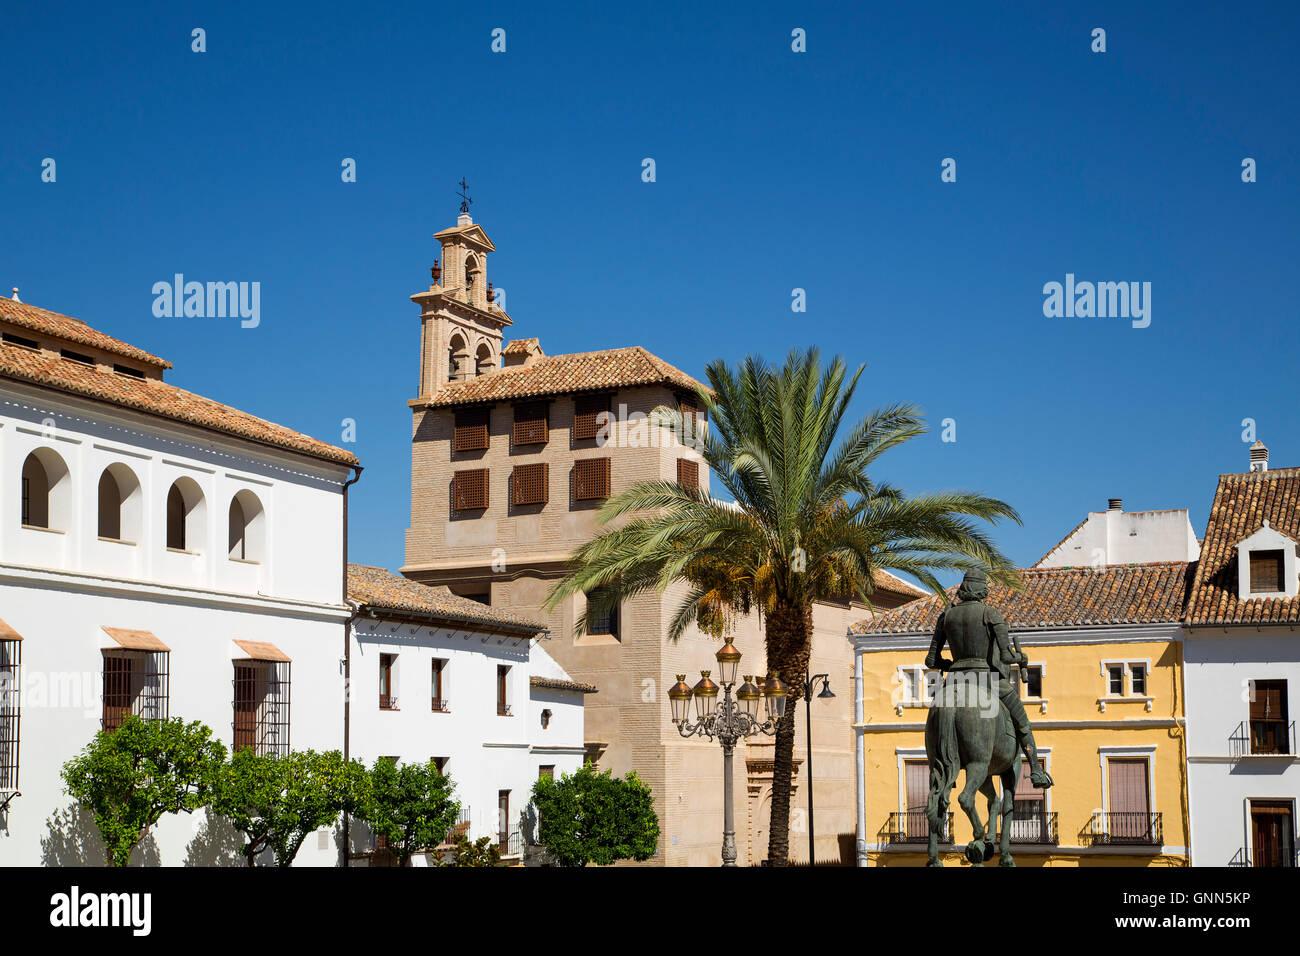 Plaza Coso Viejo, Antequera, Provinz Malaga Costa del Sol Andalusien Süd, Spanien Europa Stockbild